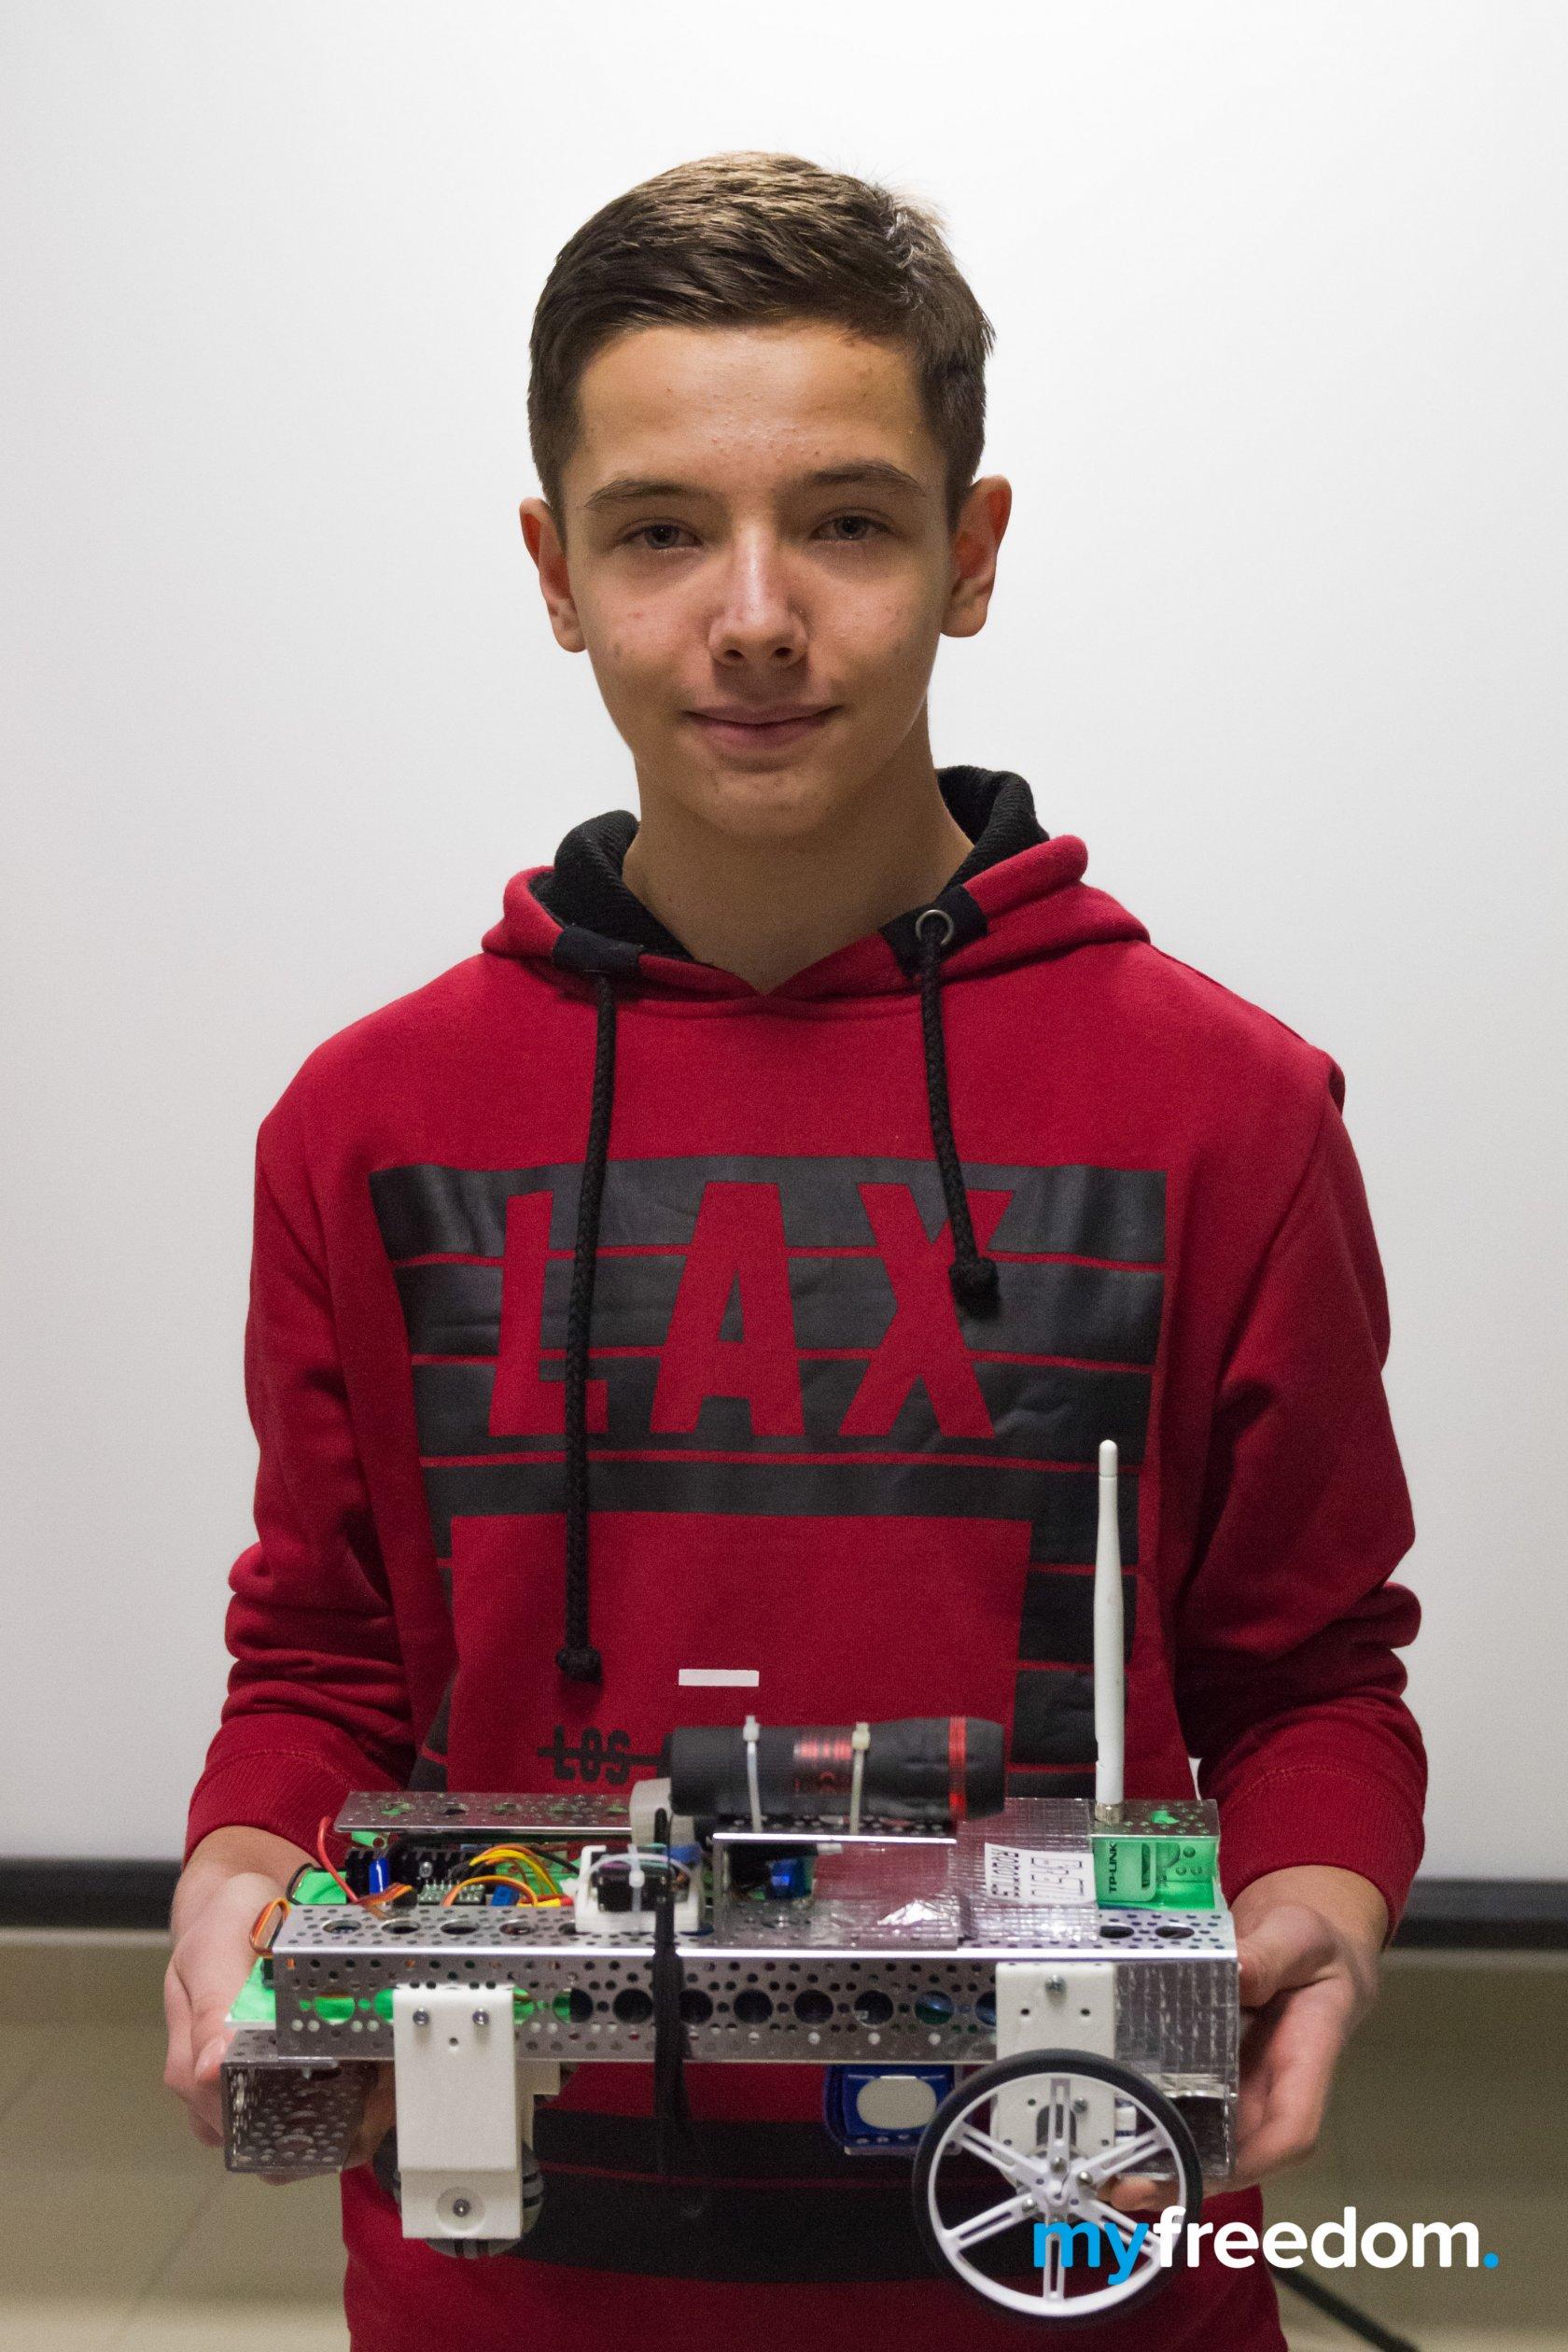 Роман Черняк - победитель соревнований по робототехнике на конференции Pro.IT в Бресте Myfreedom